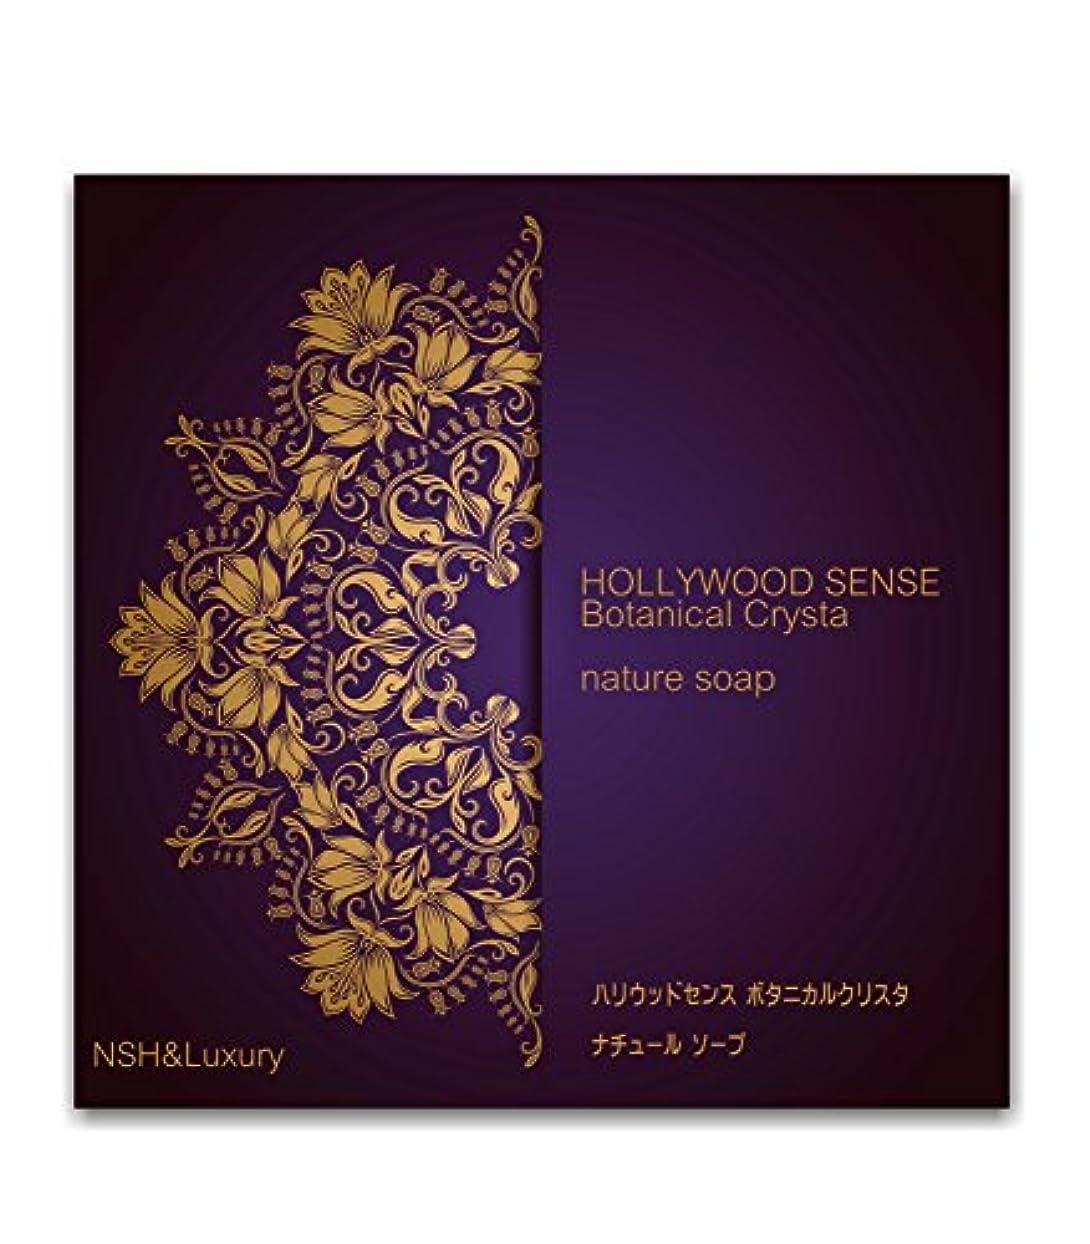 定期的入場料競う「ナッシュ&ラグジュアリー」 ハリウッドセンス ボタニカルクリスタ アイムソープ (わくねり化粧石けん 80g)